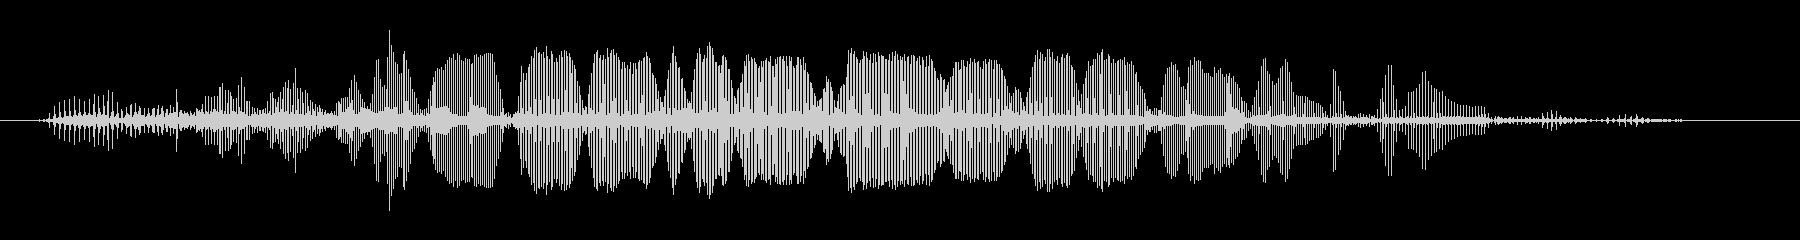 トランペットエレファントコールの未再生の波形